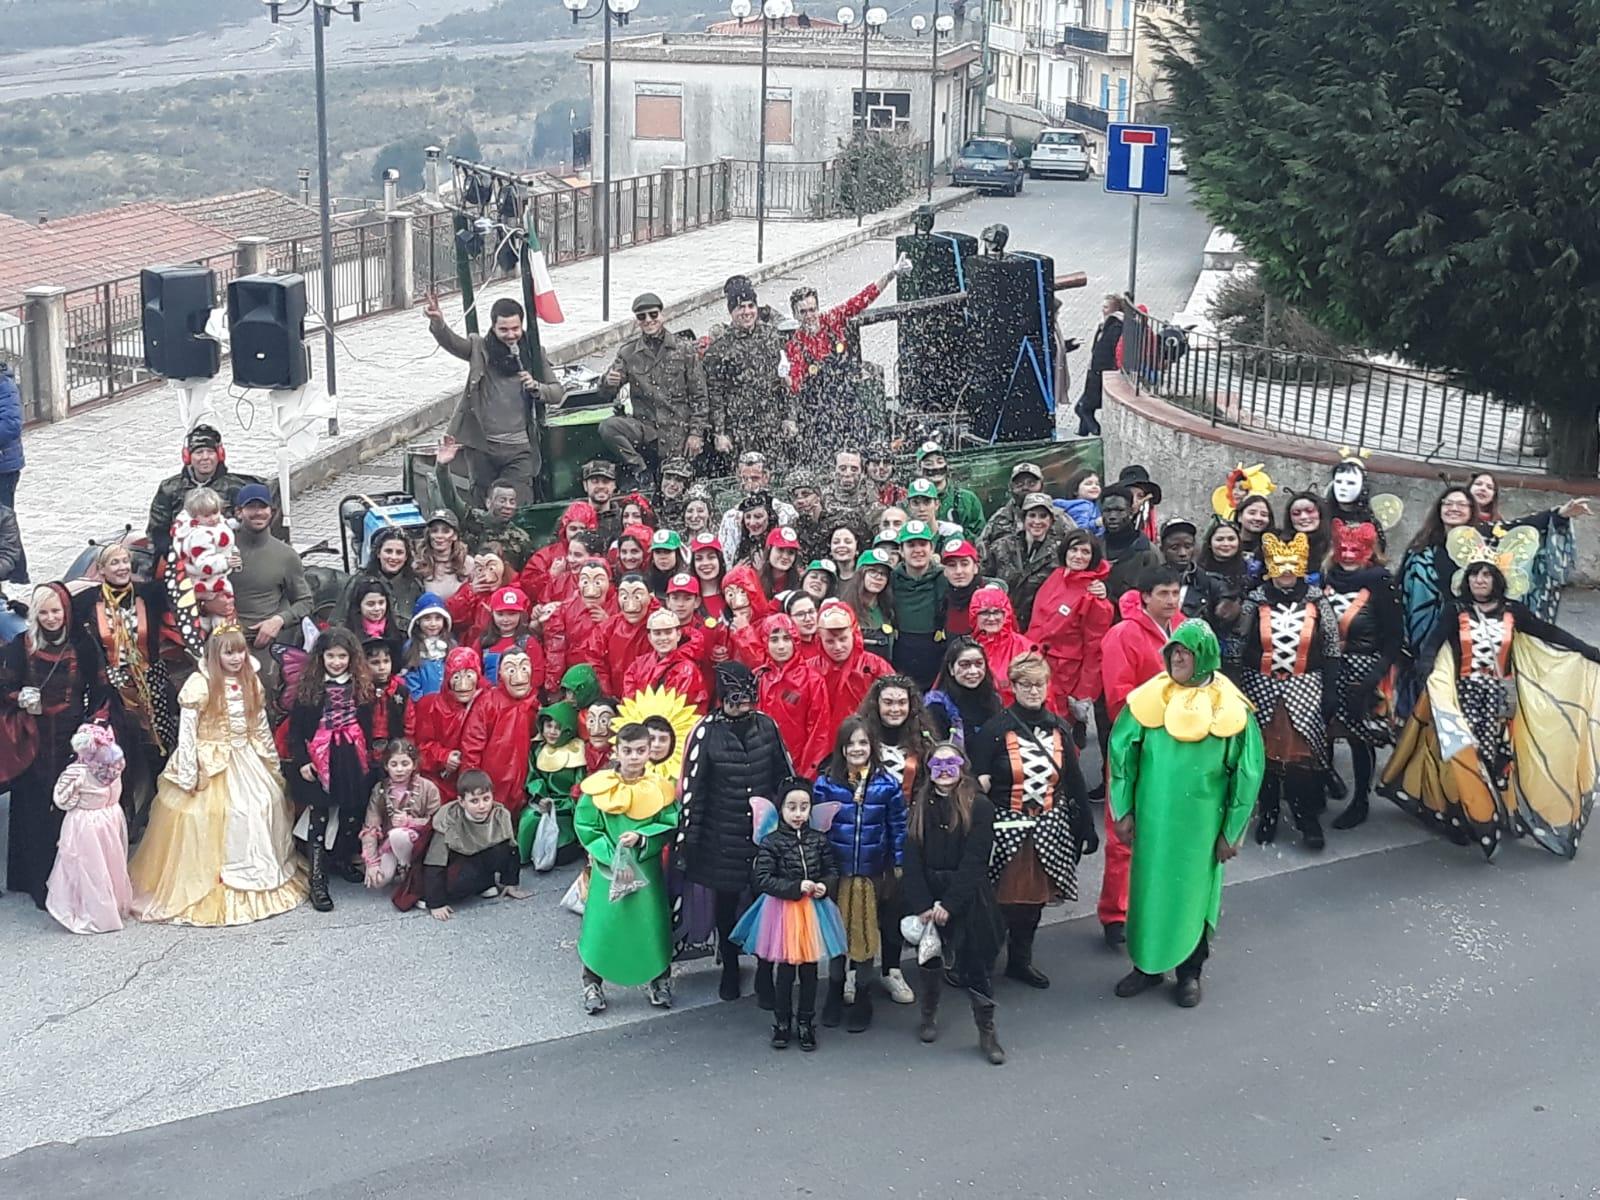 Fondachelli Fantina. Grande partecipazione per il Carnevale tra carri, musica e giochi